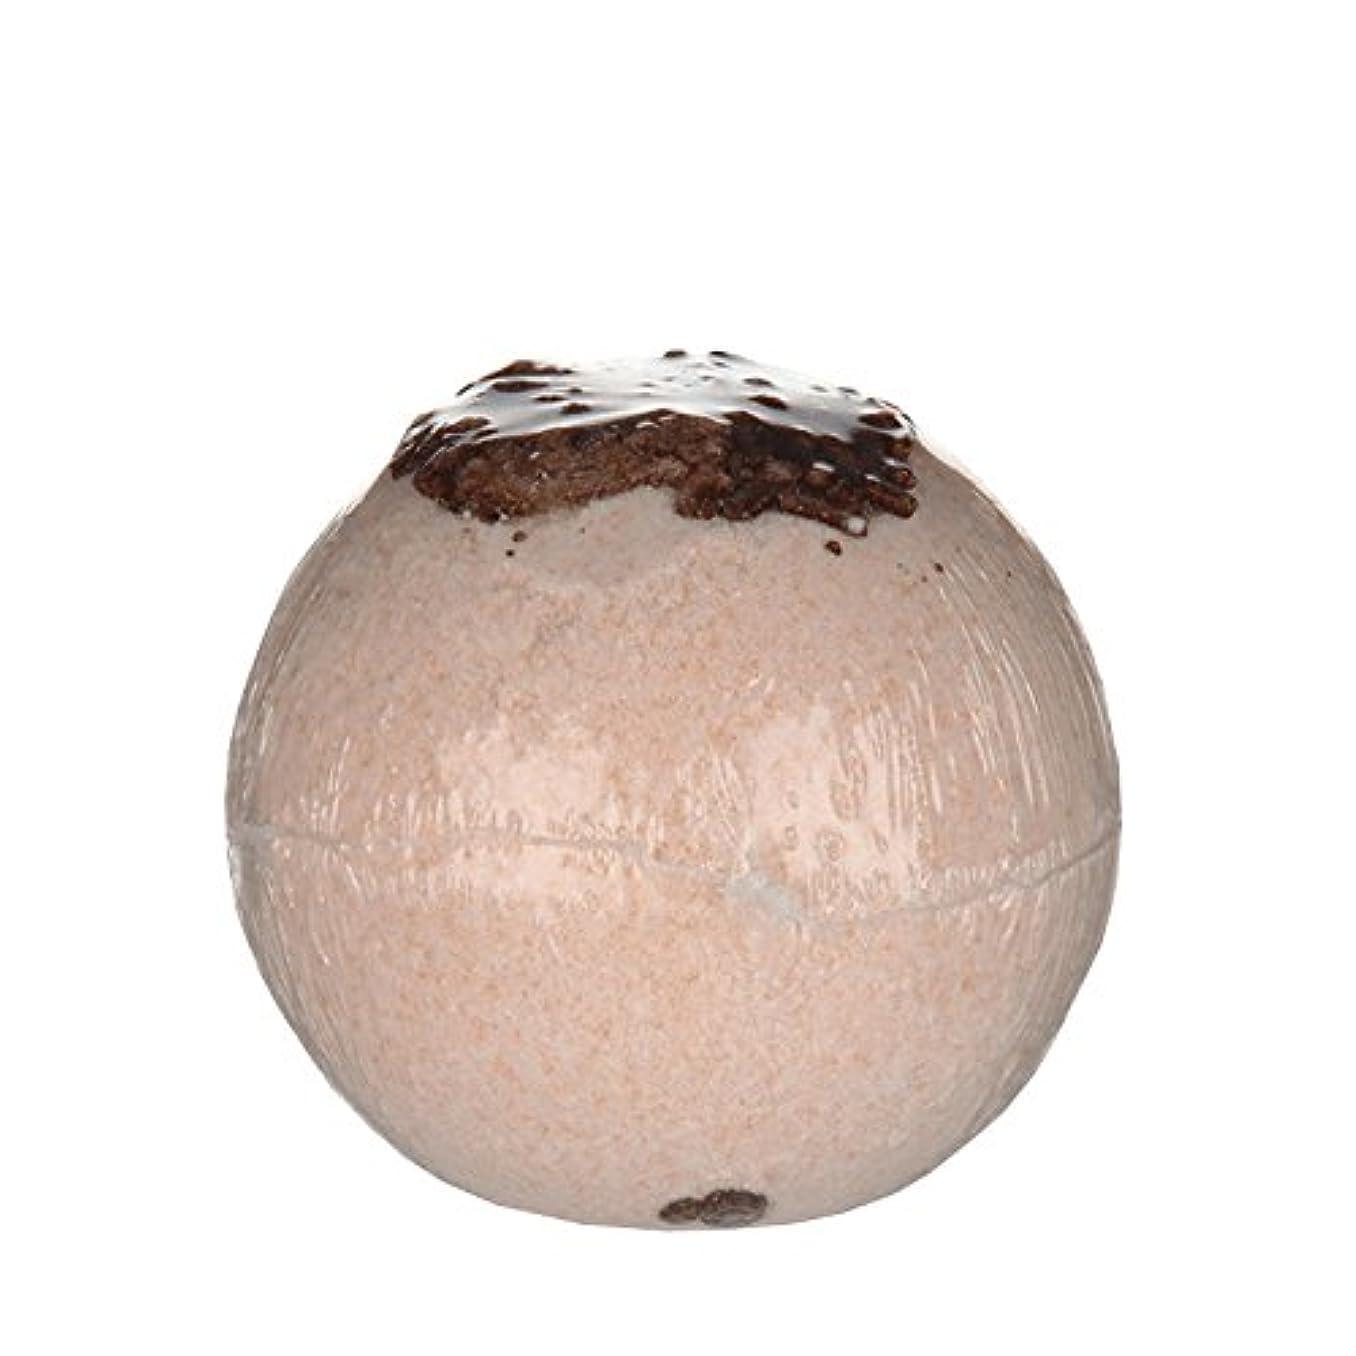 発行する残基孤独Treets Bath Ball Coconut Chocolate 170g (Pack of 2) - Treetsバスボールココナッツチョコレート170グラム (x2) [並行輸入品]